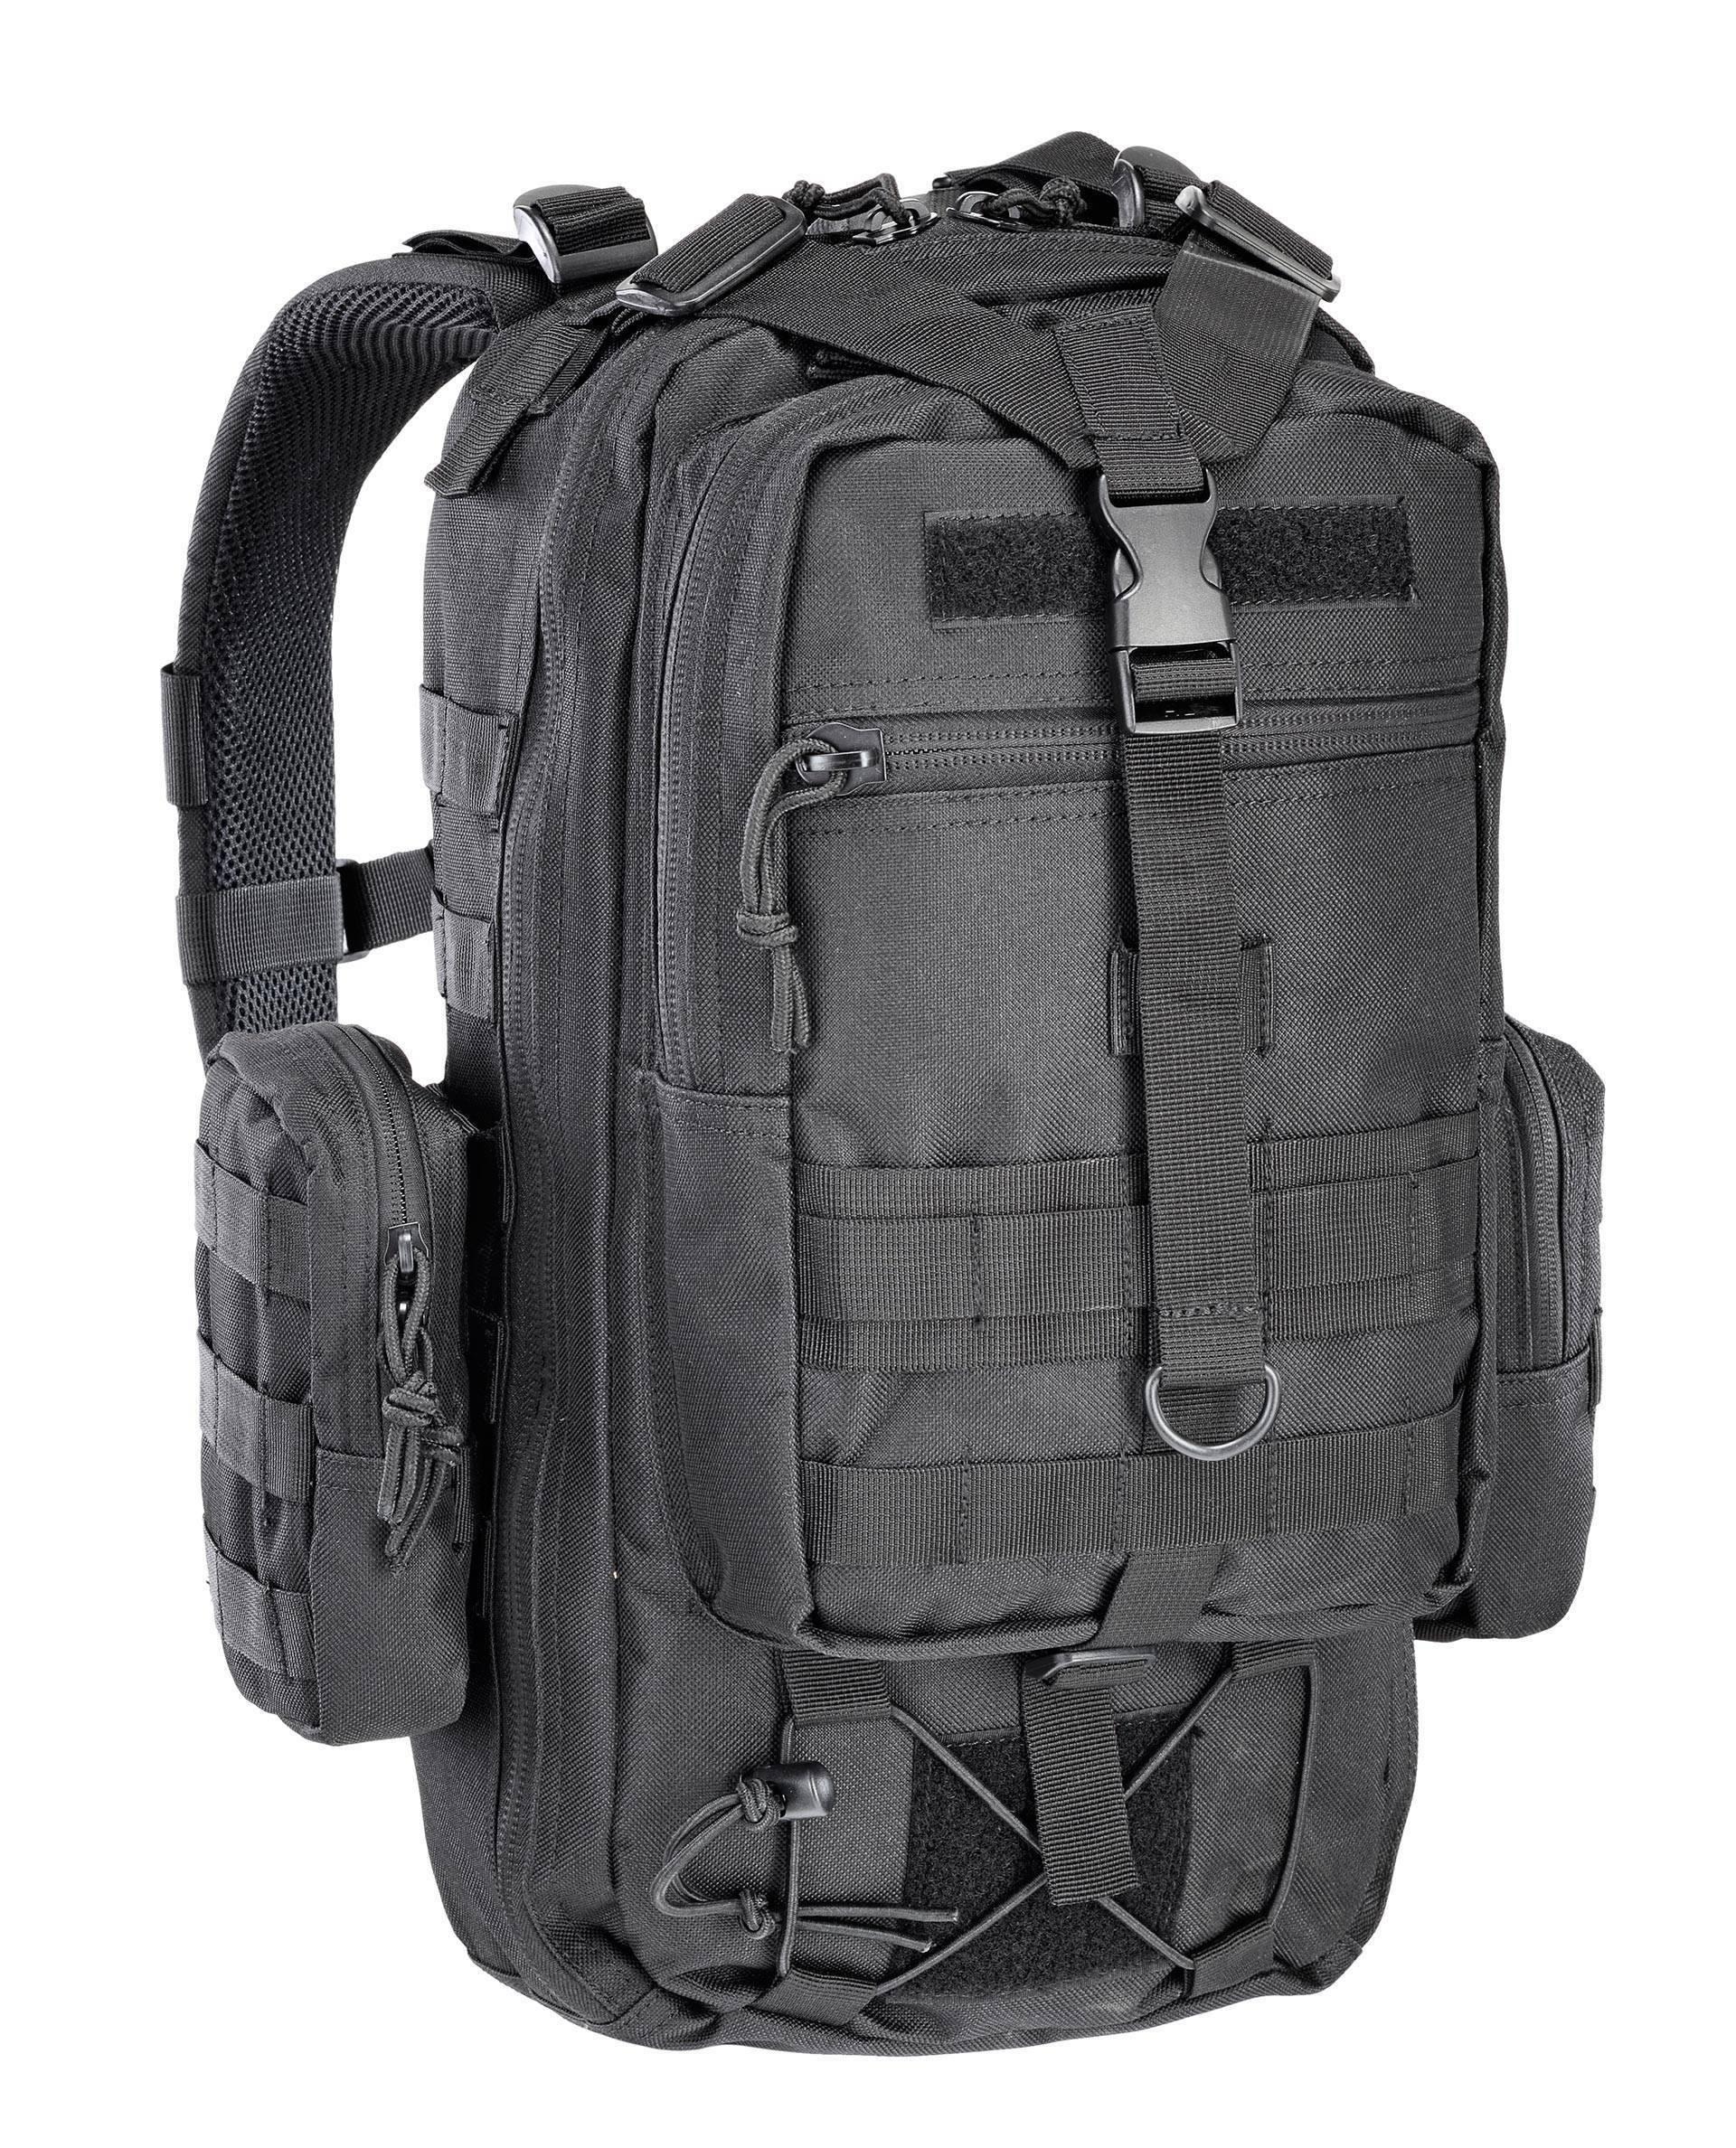 Тактический рюкзак Defcon 5 One Day Tactical Backpack Black